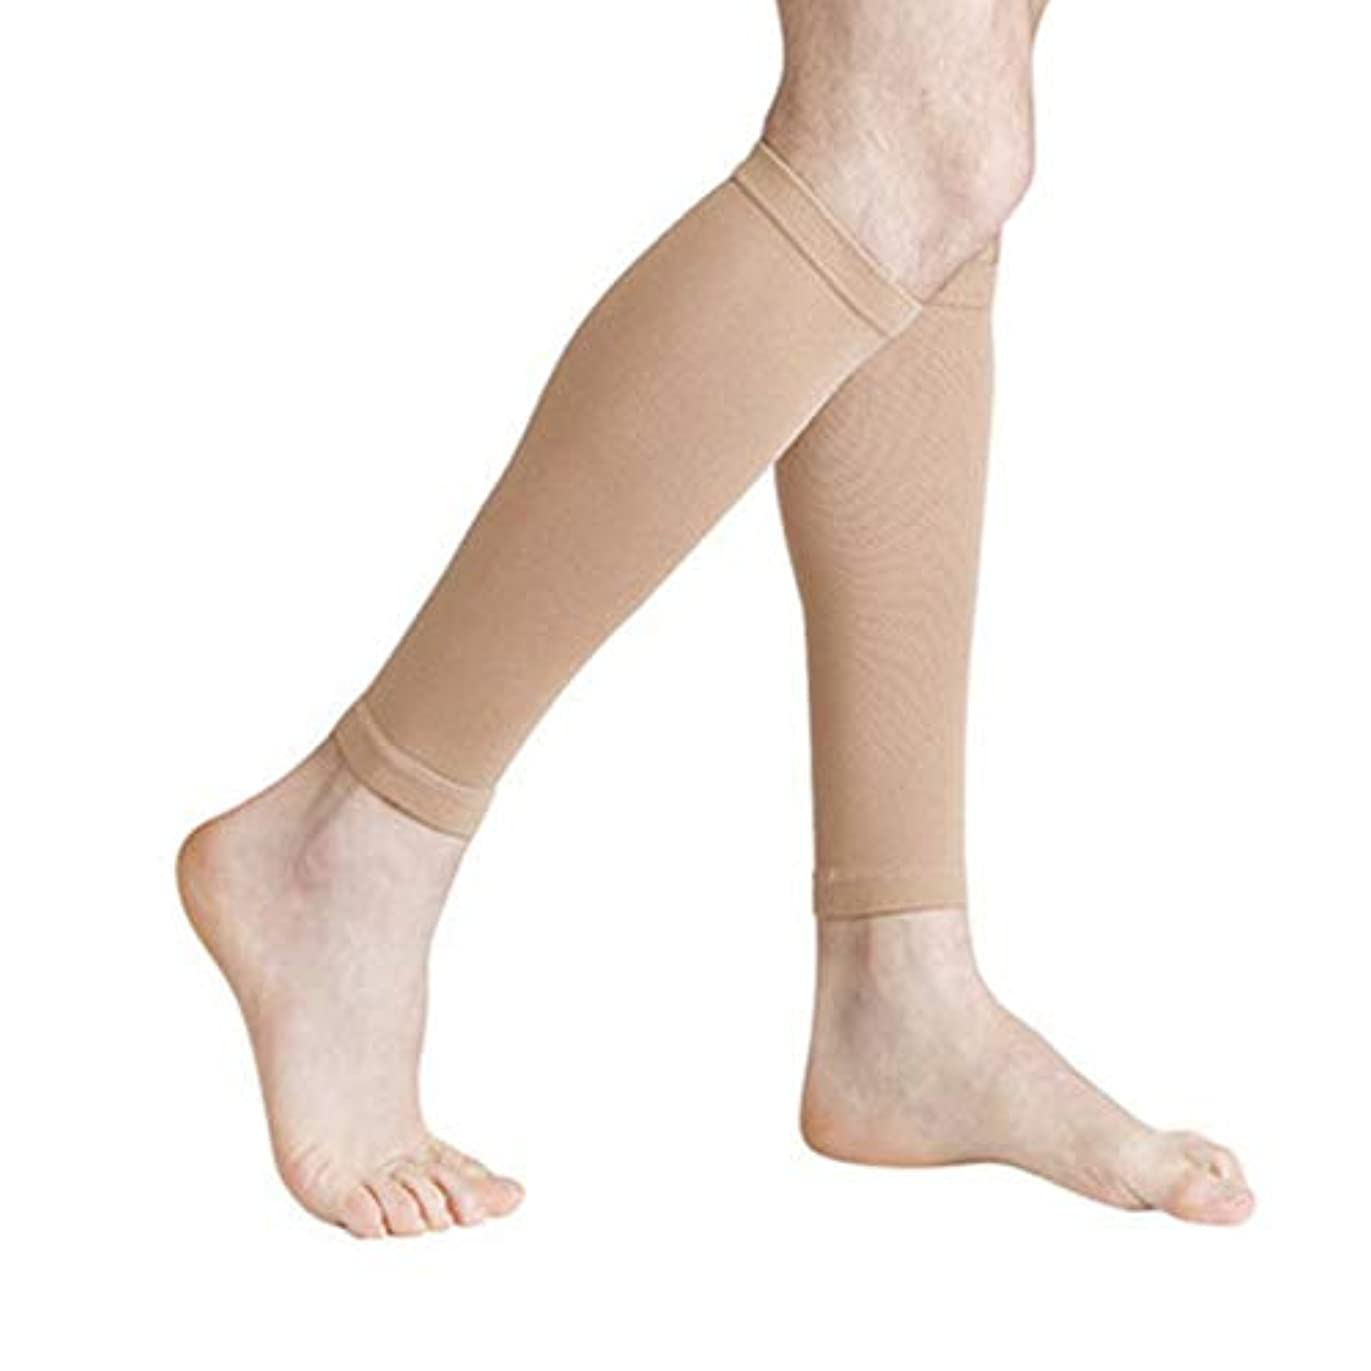 スリル不良コマンド丈夫な男性女性プロの圧縮靴下通気性のある旅行活動看護師用シンススプリントフライトトラベル - ブラック